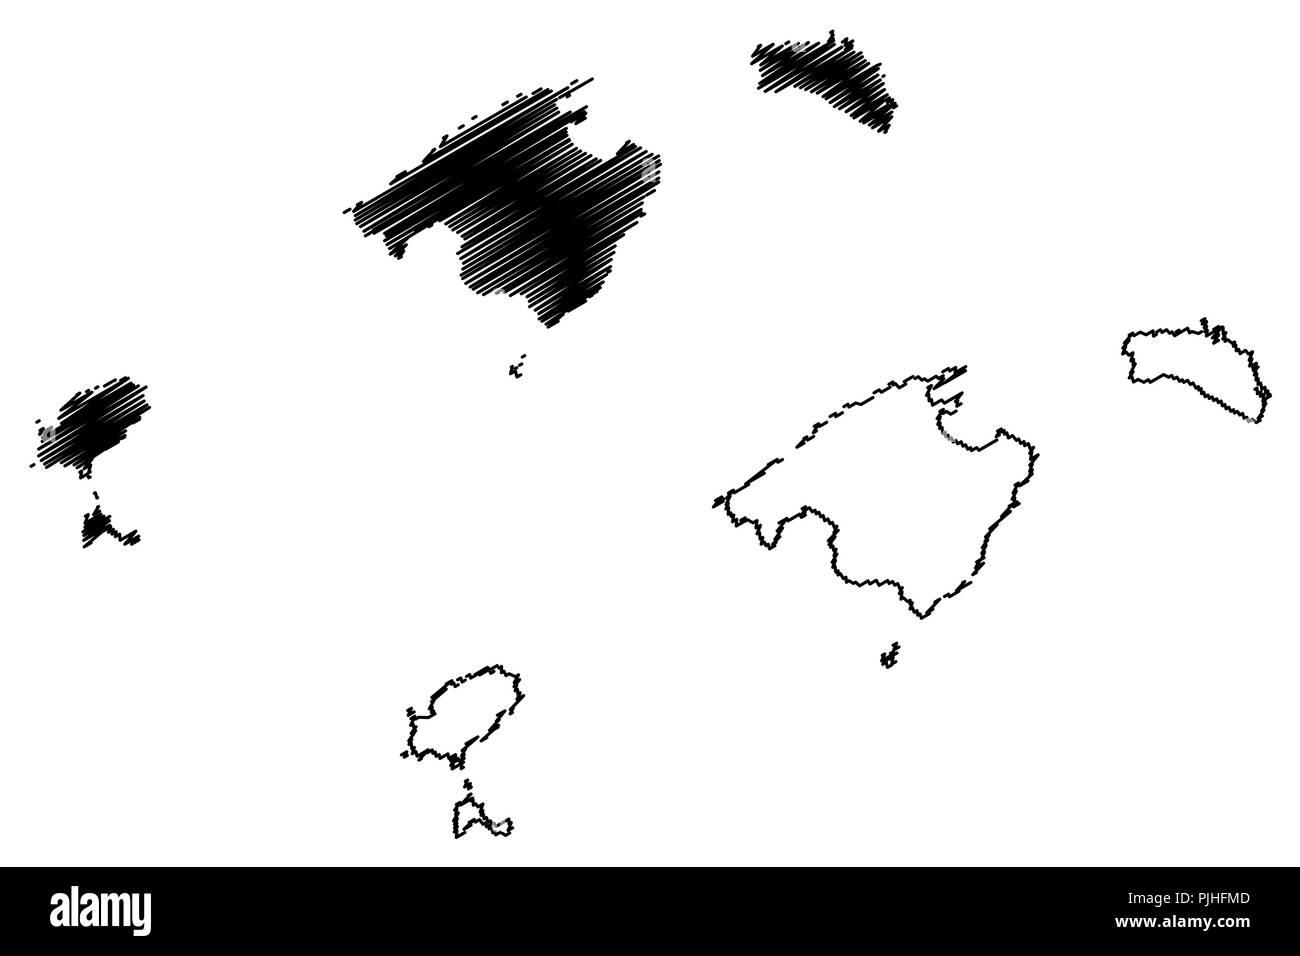 Spagna E Isole Baleari Cartina.Isole Baleari Regno Di Spagna La Comunita Autonoma Mappa Illustrazione Vettoriale Scribble Schizzo Di Maiorca Minorca Ibiza E Formentera Mappa Immagine E Vettoriale Alamy